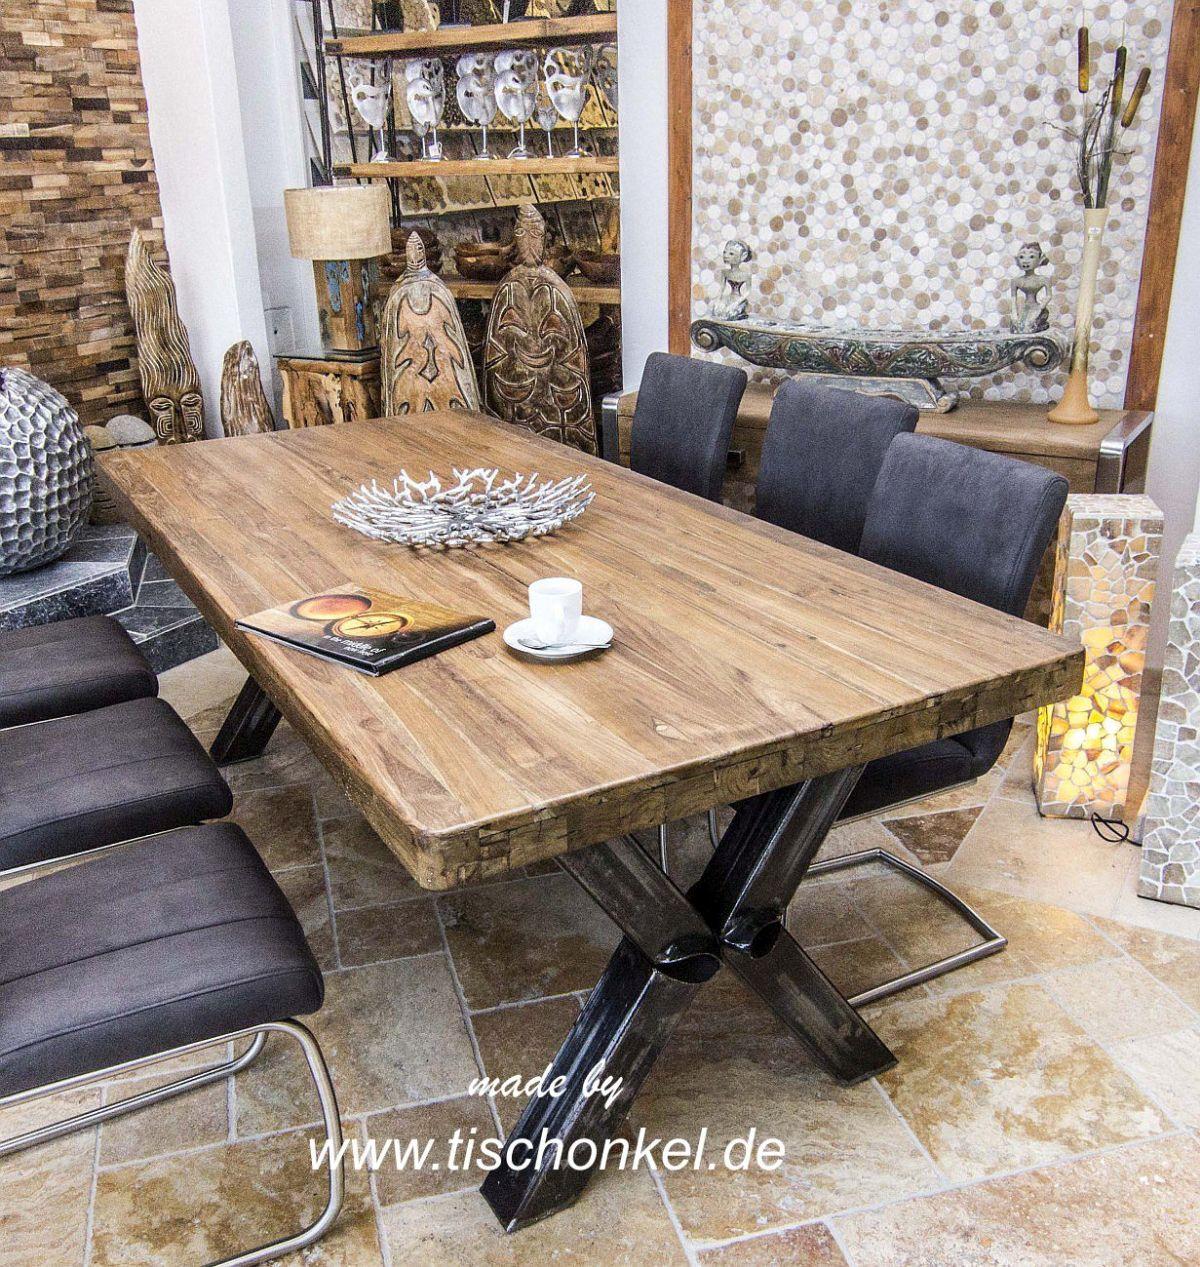 esstisch industriedesign der tischonkel esstisch industriedesign. Black Bedroom Furniture Sets. Home Design Ideas